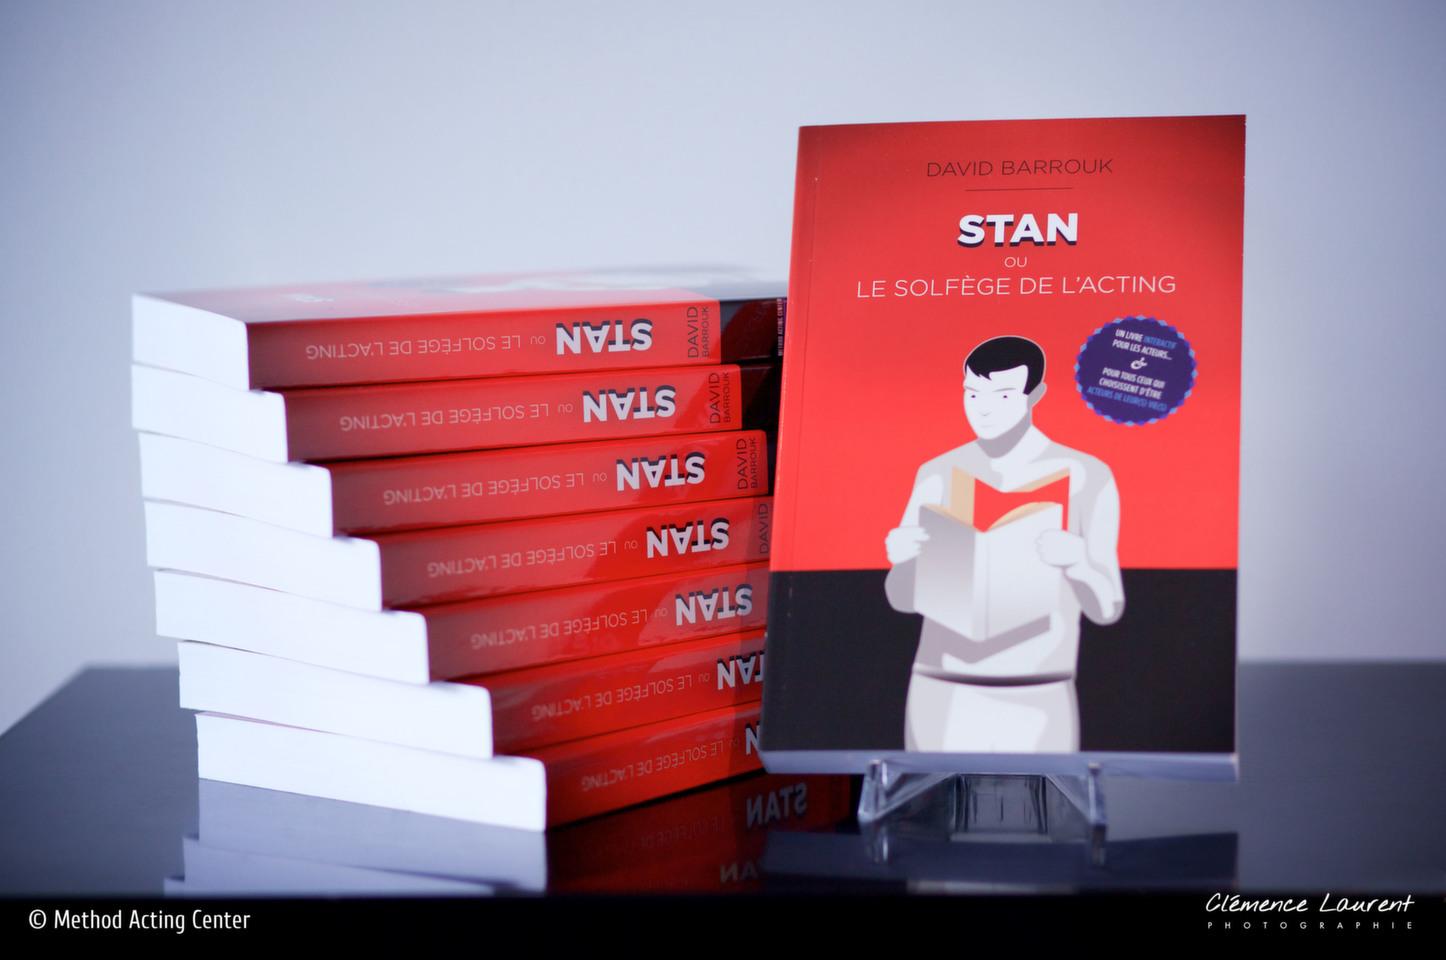 Masterclass «Stan ou le Solfège de l'Acting»<br />avec David Barrouk<br /><br />Samedi 27 Juillet, de 15h à 20h<br />+ Dimanche 11 Août, de 15h à 20h<br />pendant les Classes de l'été<br /><br />Stan ou le Solfège de l'Acting, le livre sur la méthode Actors Studio qui reprend, enrichit et rend hommage au travail de Stanislavski. 416 pages, broché, des dizaines d'exercices sur la méthode, son historique, ses outils, son travail minutieux et fascinant sur les mécanismes de l'émotion.<br /> <br />Explorez notre manuel de la méthode Actors Studio d'une façon originale et innovante à travers des exercices du livre et des débats autour de la méthode, du travail et du rôle de l'Acteur au Cinéma. Avec David Barrouk, auteur du livre, fondateur de Method Acting Center, Coach d'acteurs, Scénariste, Réalisateur & Producteur.<br />Si vous optez pour cette masterclass, le livre Stan ou le Solfège de l'Acting est inclus dans le prix du module. (Prix public du livre : 25€)<br /><br />Avant la masterclass, découvrez également les classes de l'été avec : <br />ACTORS STUDIO Initiation, Scènes A, Scènes B, Face Caméra<br />ACTING in ENGLISH Travail de scènes, Cours d'Anglais<br />SCÉNARIO & RÉALISATION<br />IMPROVISATION<br />YOGA<br />CHANT / DANSE / COMÉDIE MUSICALE<br />ACTING pour ADOS / CHANT pour ADOS<br /><br />TARIFS<br />De 1 à 3 modules : 30€ par module // De 4 à 9 modules : 25€ par module // De 10 modules à + : 290€ pour le PASS Classes de l'été (accès à tous les modules, dans la limite des places disponibles*)<br /><br />INFOS, PLANNING & RÉSERVATION<br />https://www.methodacting.fr/classes-de-lete/<br />06 07 41 41 25 / contact@methodacting.fr